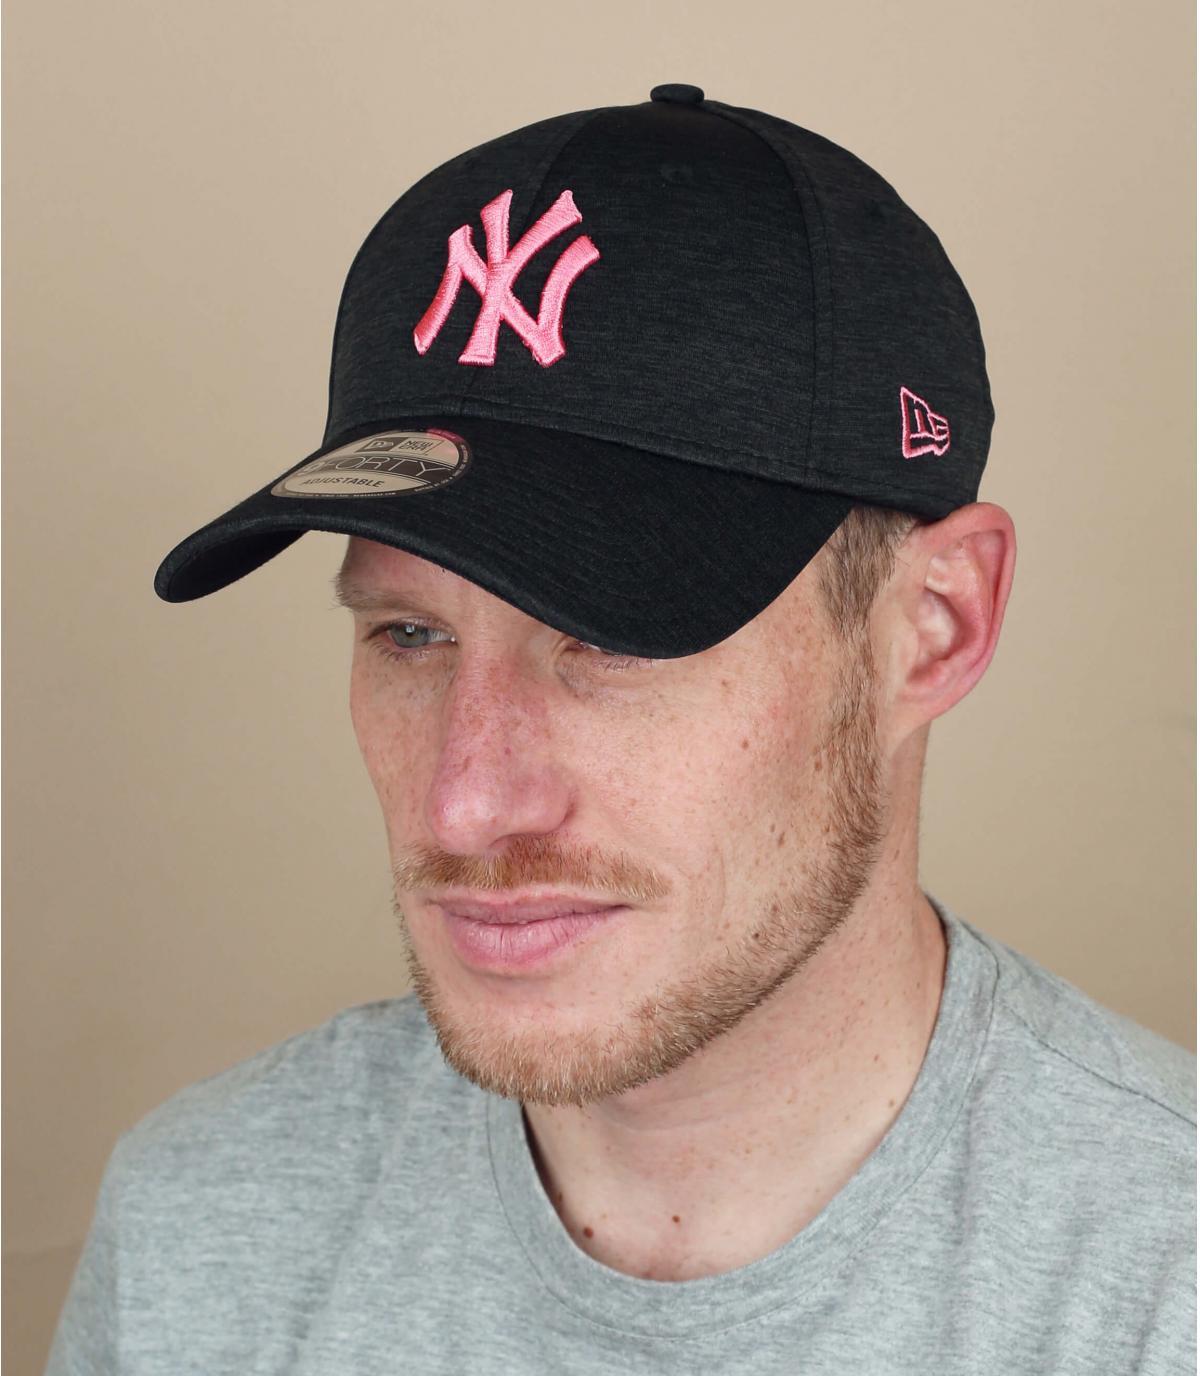 berretto NY rosa nero